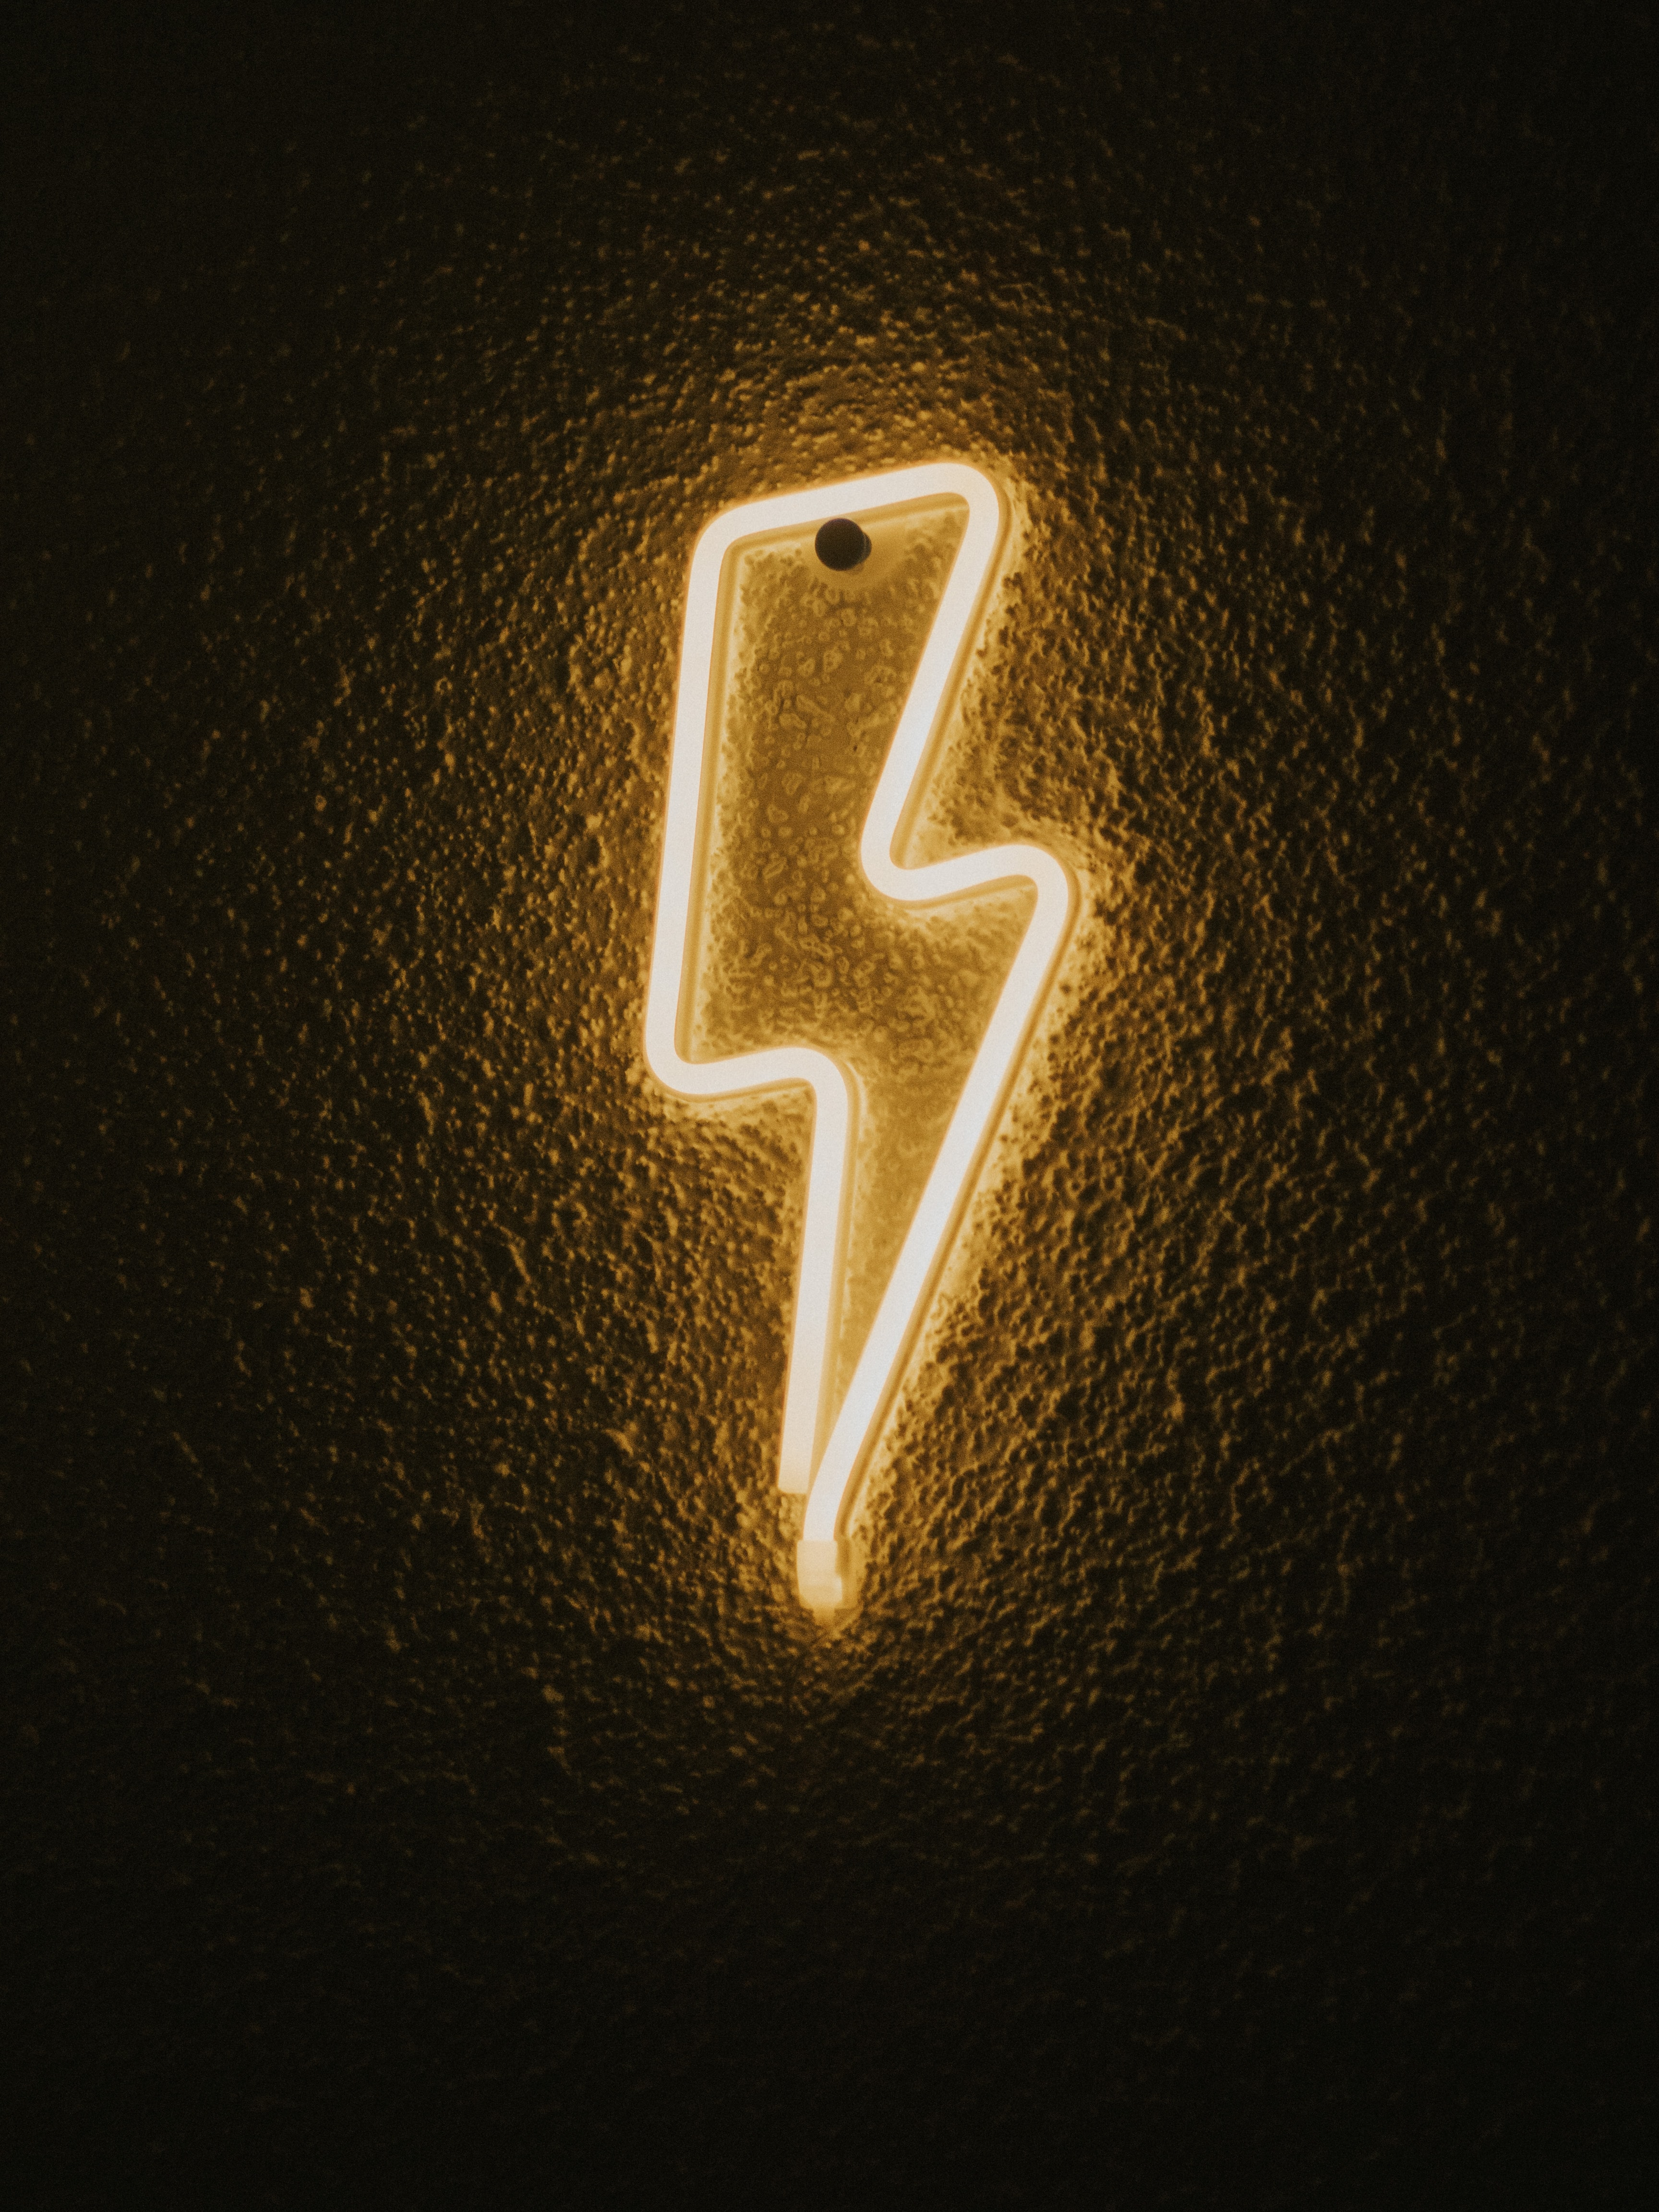 118141 Заставки и Обои Молния на телефон. Скачать Темные, Текстура, Свечение, Молния картинки бесплатно